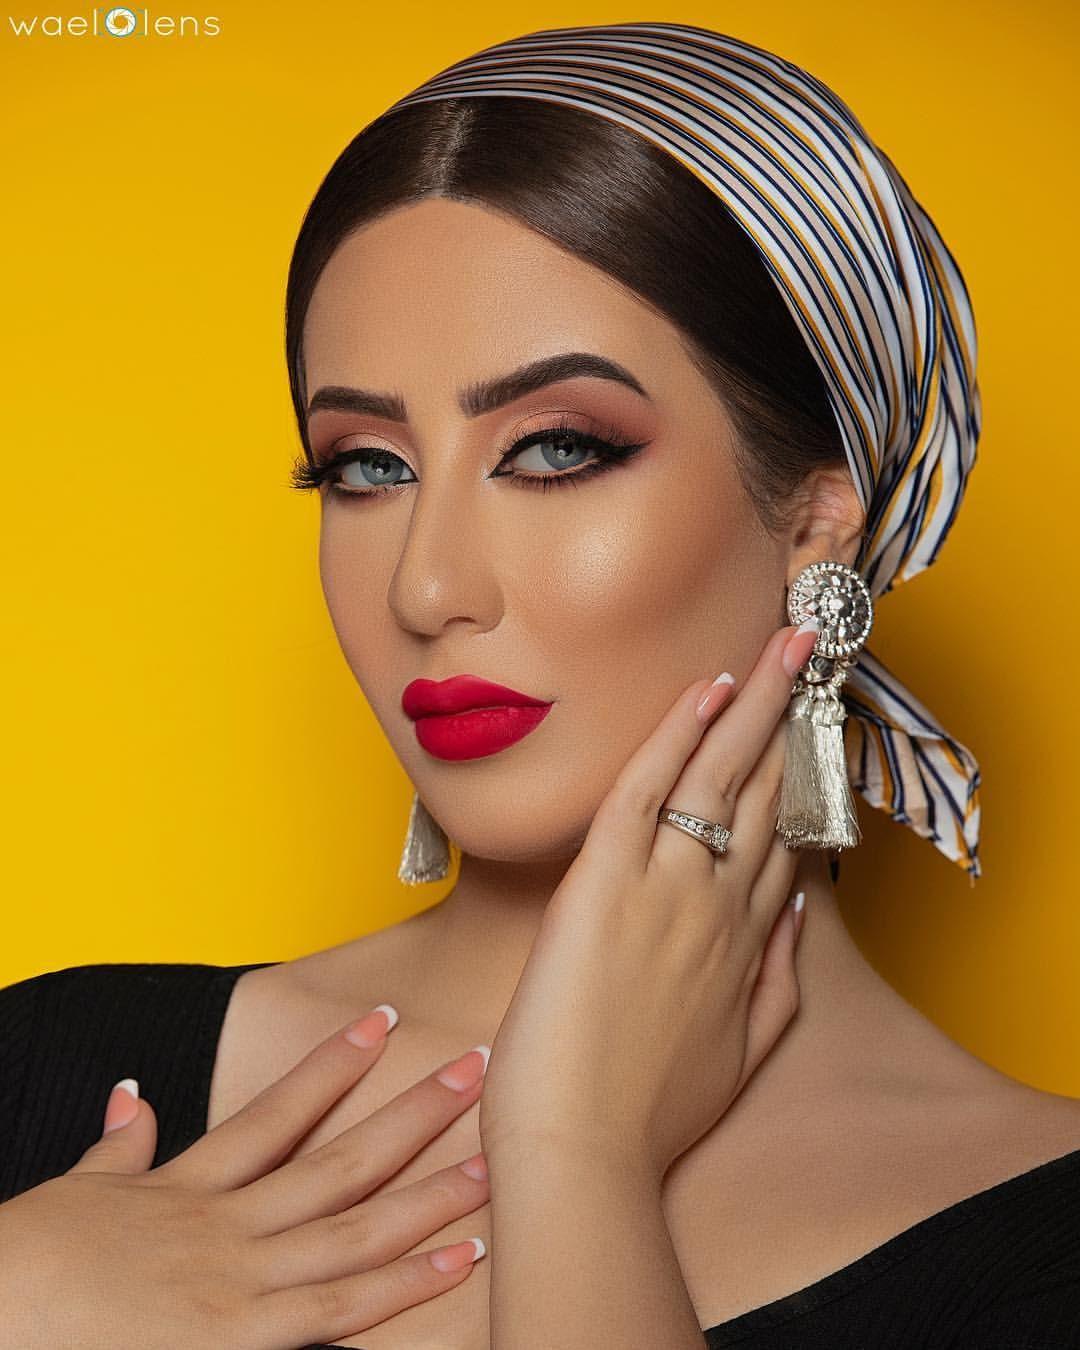 479ac1d675449 Pin by Siti Sopiah on Beauty Women in 2019